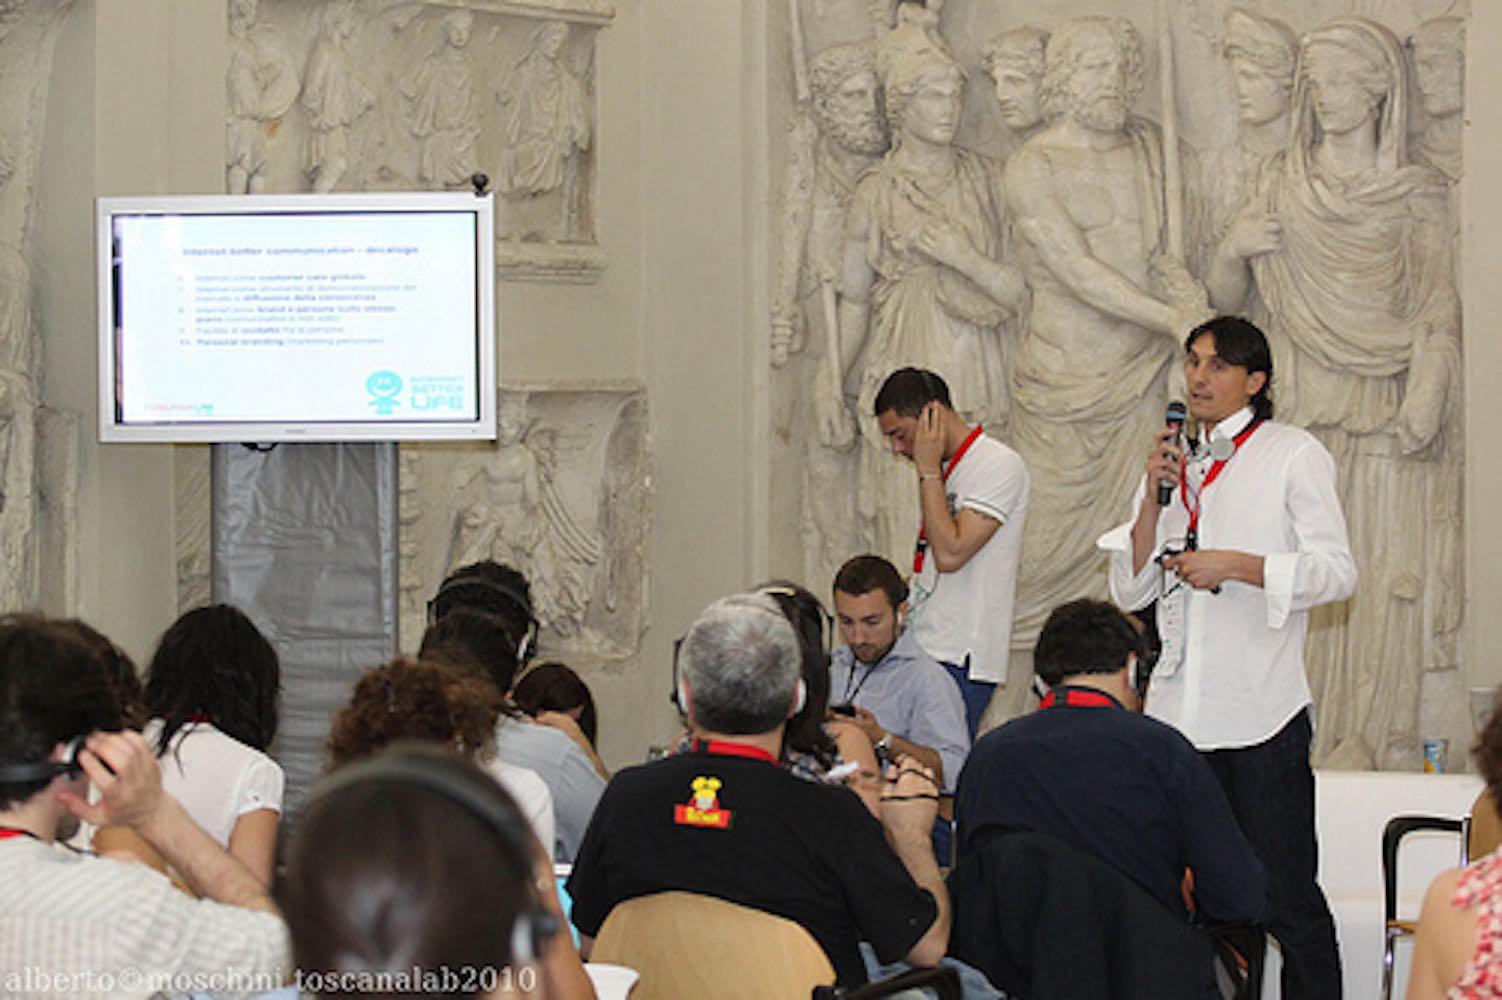 toscanalab firenze jacopo pasquini web social media comunicazione digitale copia